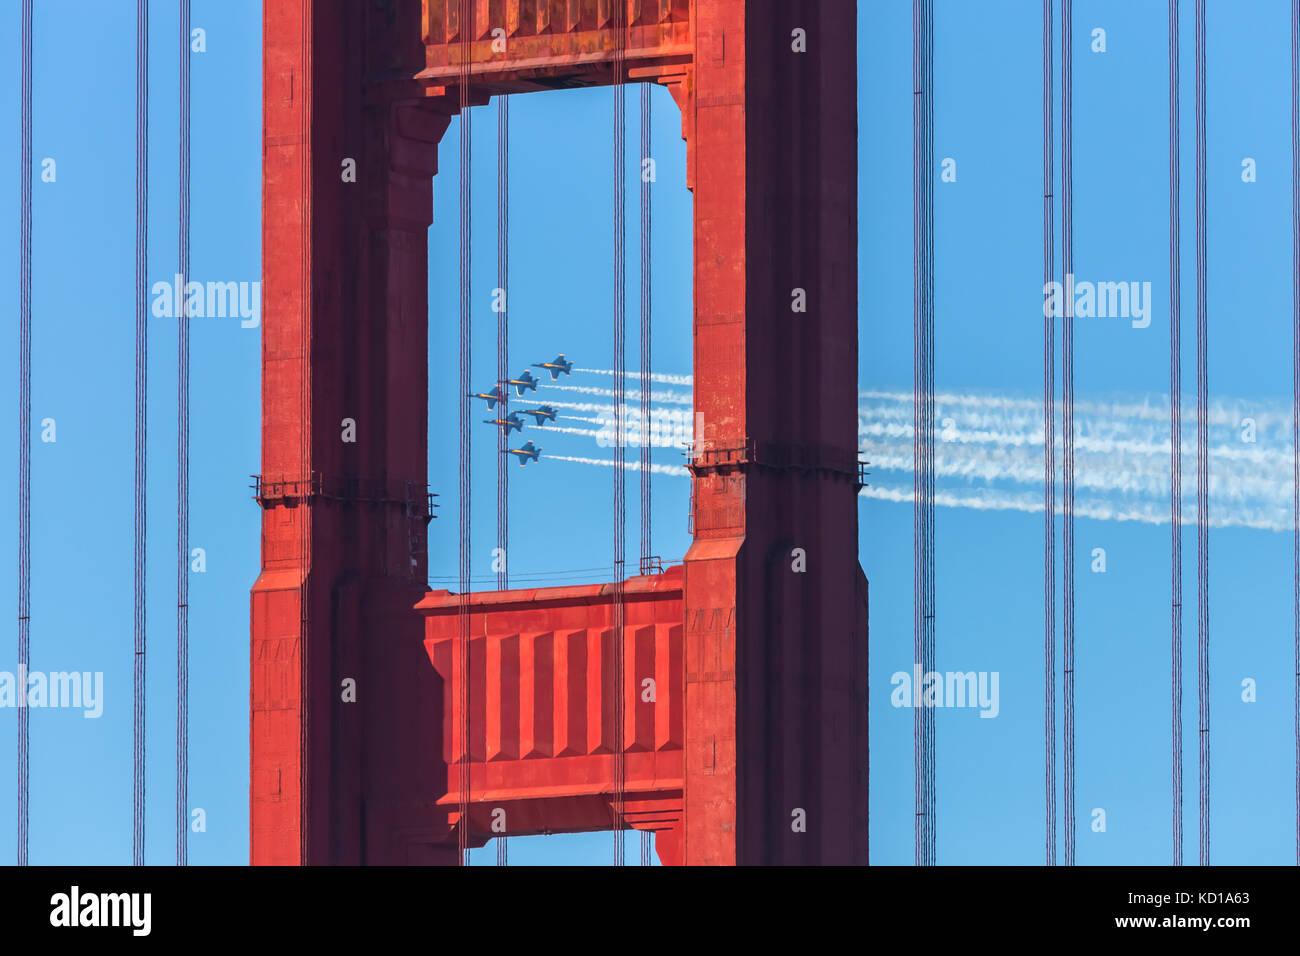 Los aviones de la marina de los Estados Unidos, los ángulos de azul, vuela sobre el puente Golden Gate durante Imagen De Stock